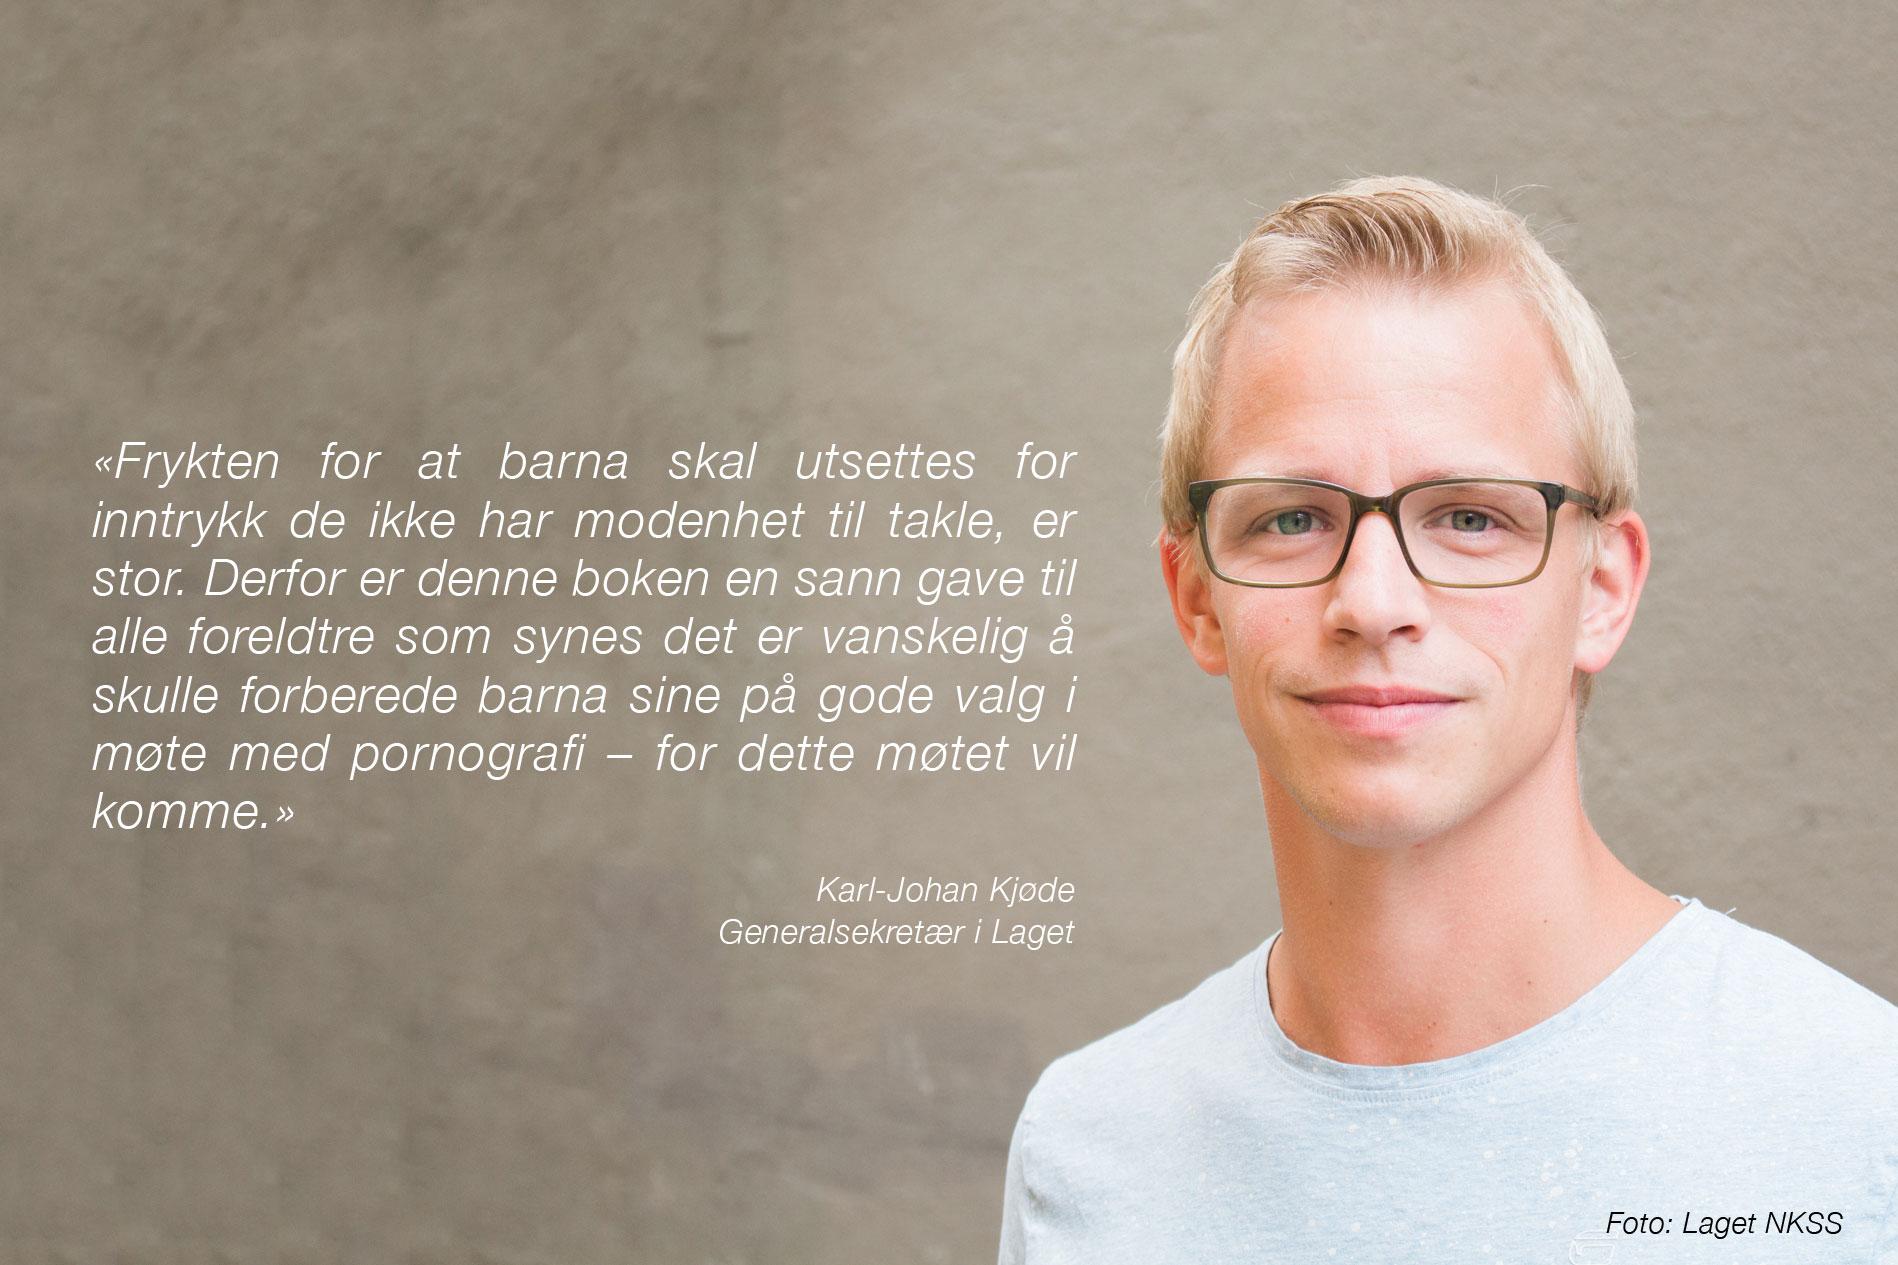 Karl-Johan